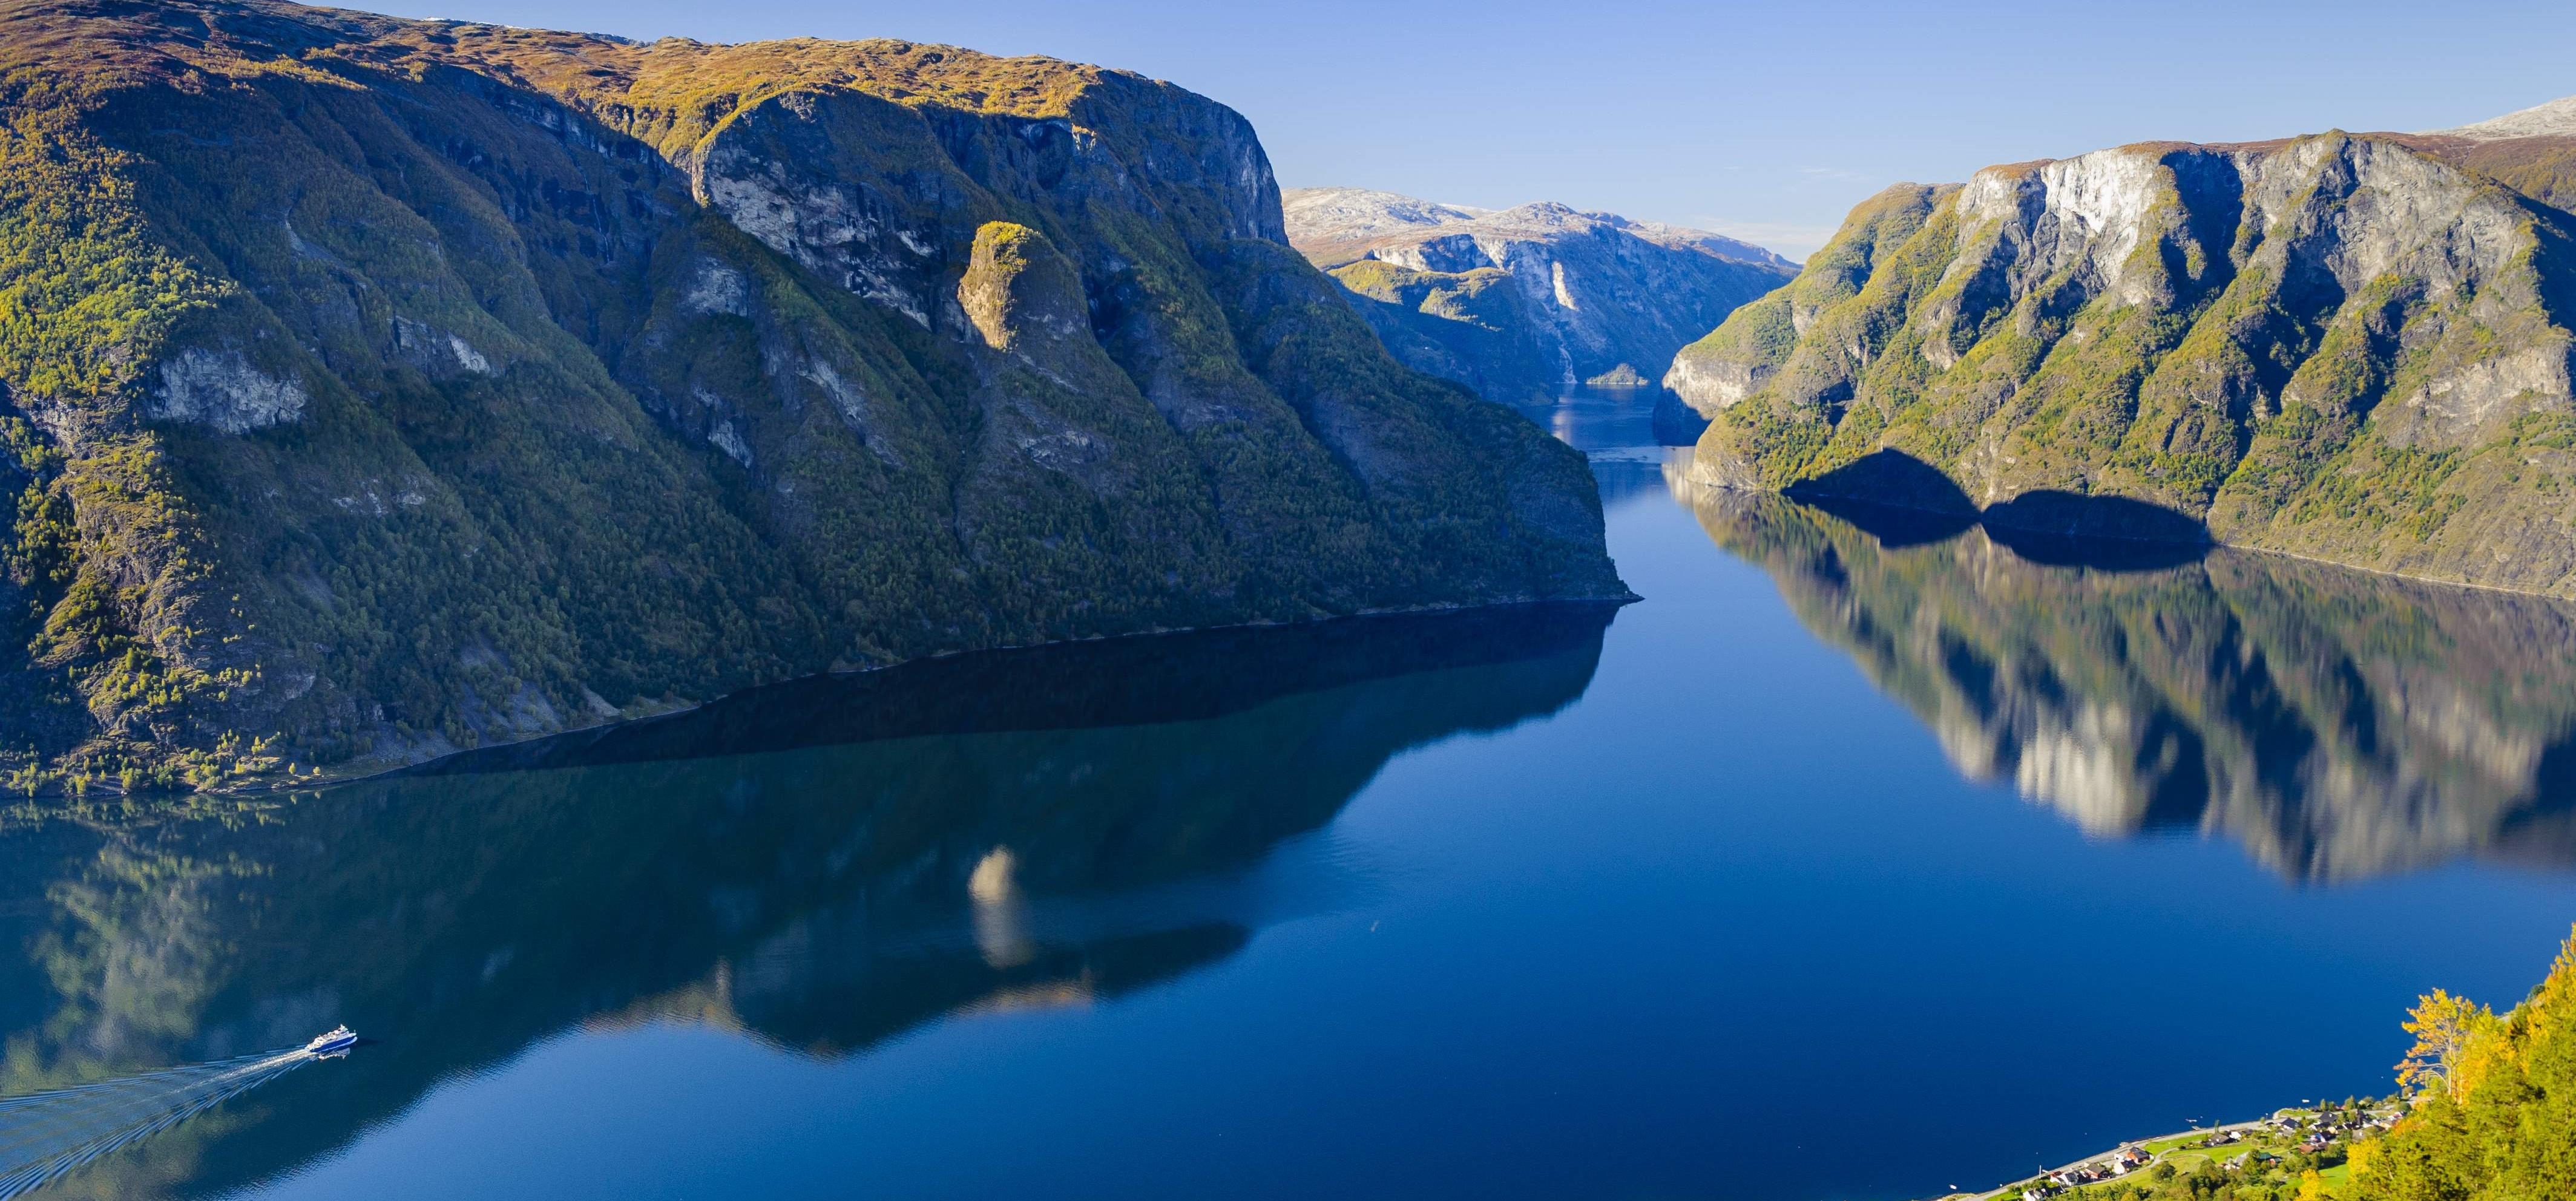 Stavanger, Gaustablikk, Telemarken, Lysefjorden | Hardangervidda | Kampen om det tunge vand | Gaustatoppen